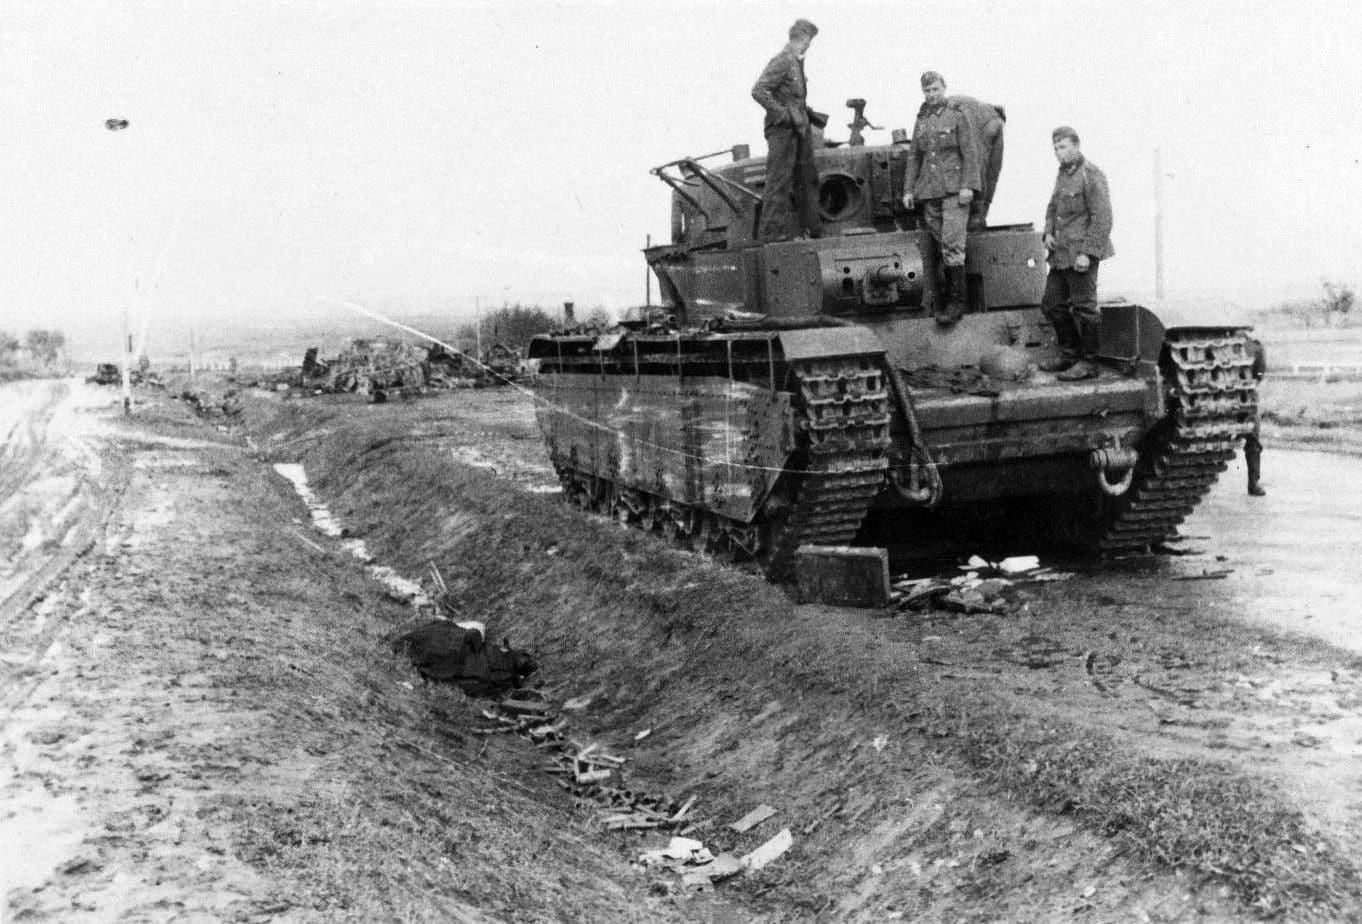 Многокуполен танк Т-35 - немски войници разглеждат танк ударен на пътя между селата Верба и Птичье (Украина).